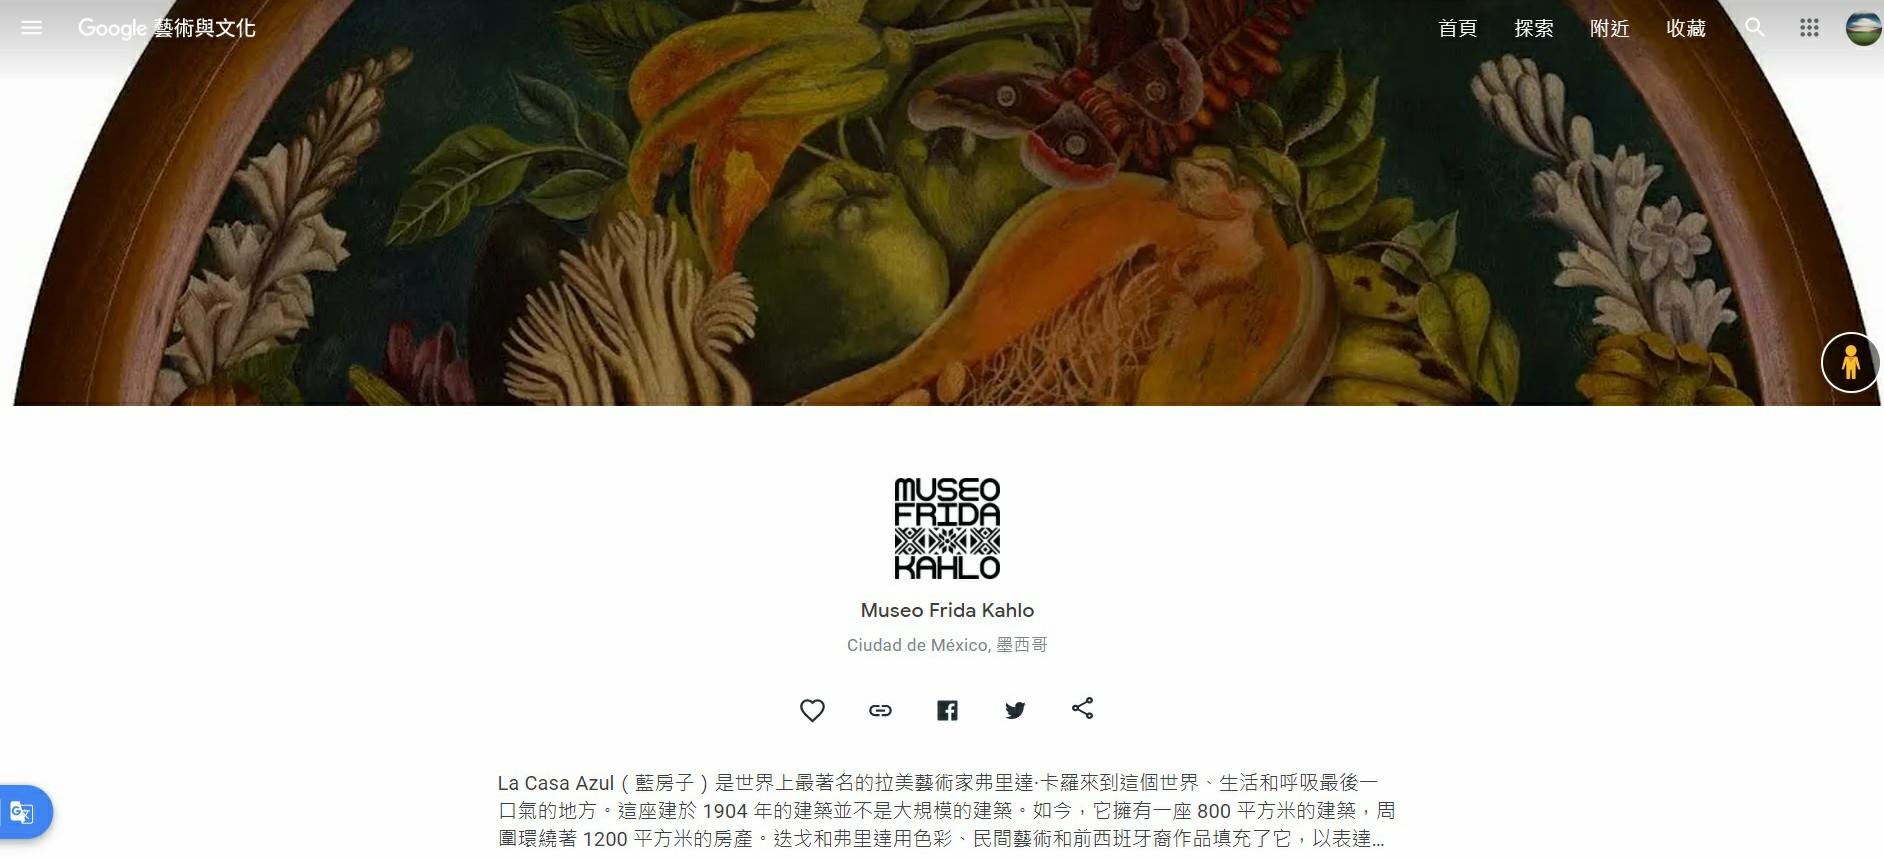 墨西哥科約阿坎區芙烈達・卡蘿博物館,芙烈達卡蘿,藍屋,芙烈達卡蘿博物館,Google Arts & Culture,Google 藝術與文化,虛擬實境美術館,線上博物館,線上展覽,線上美術館